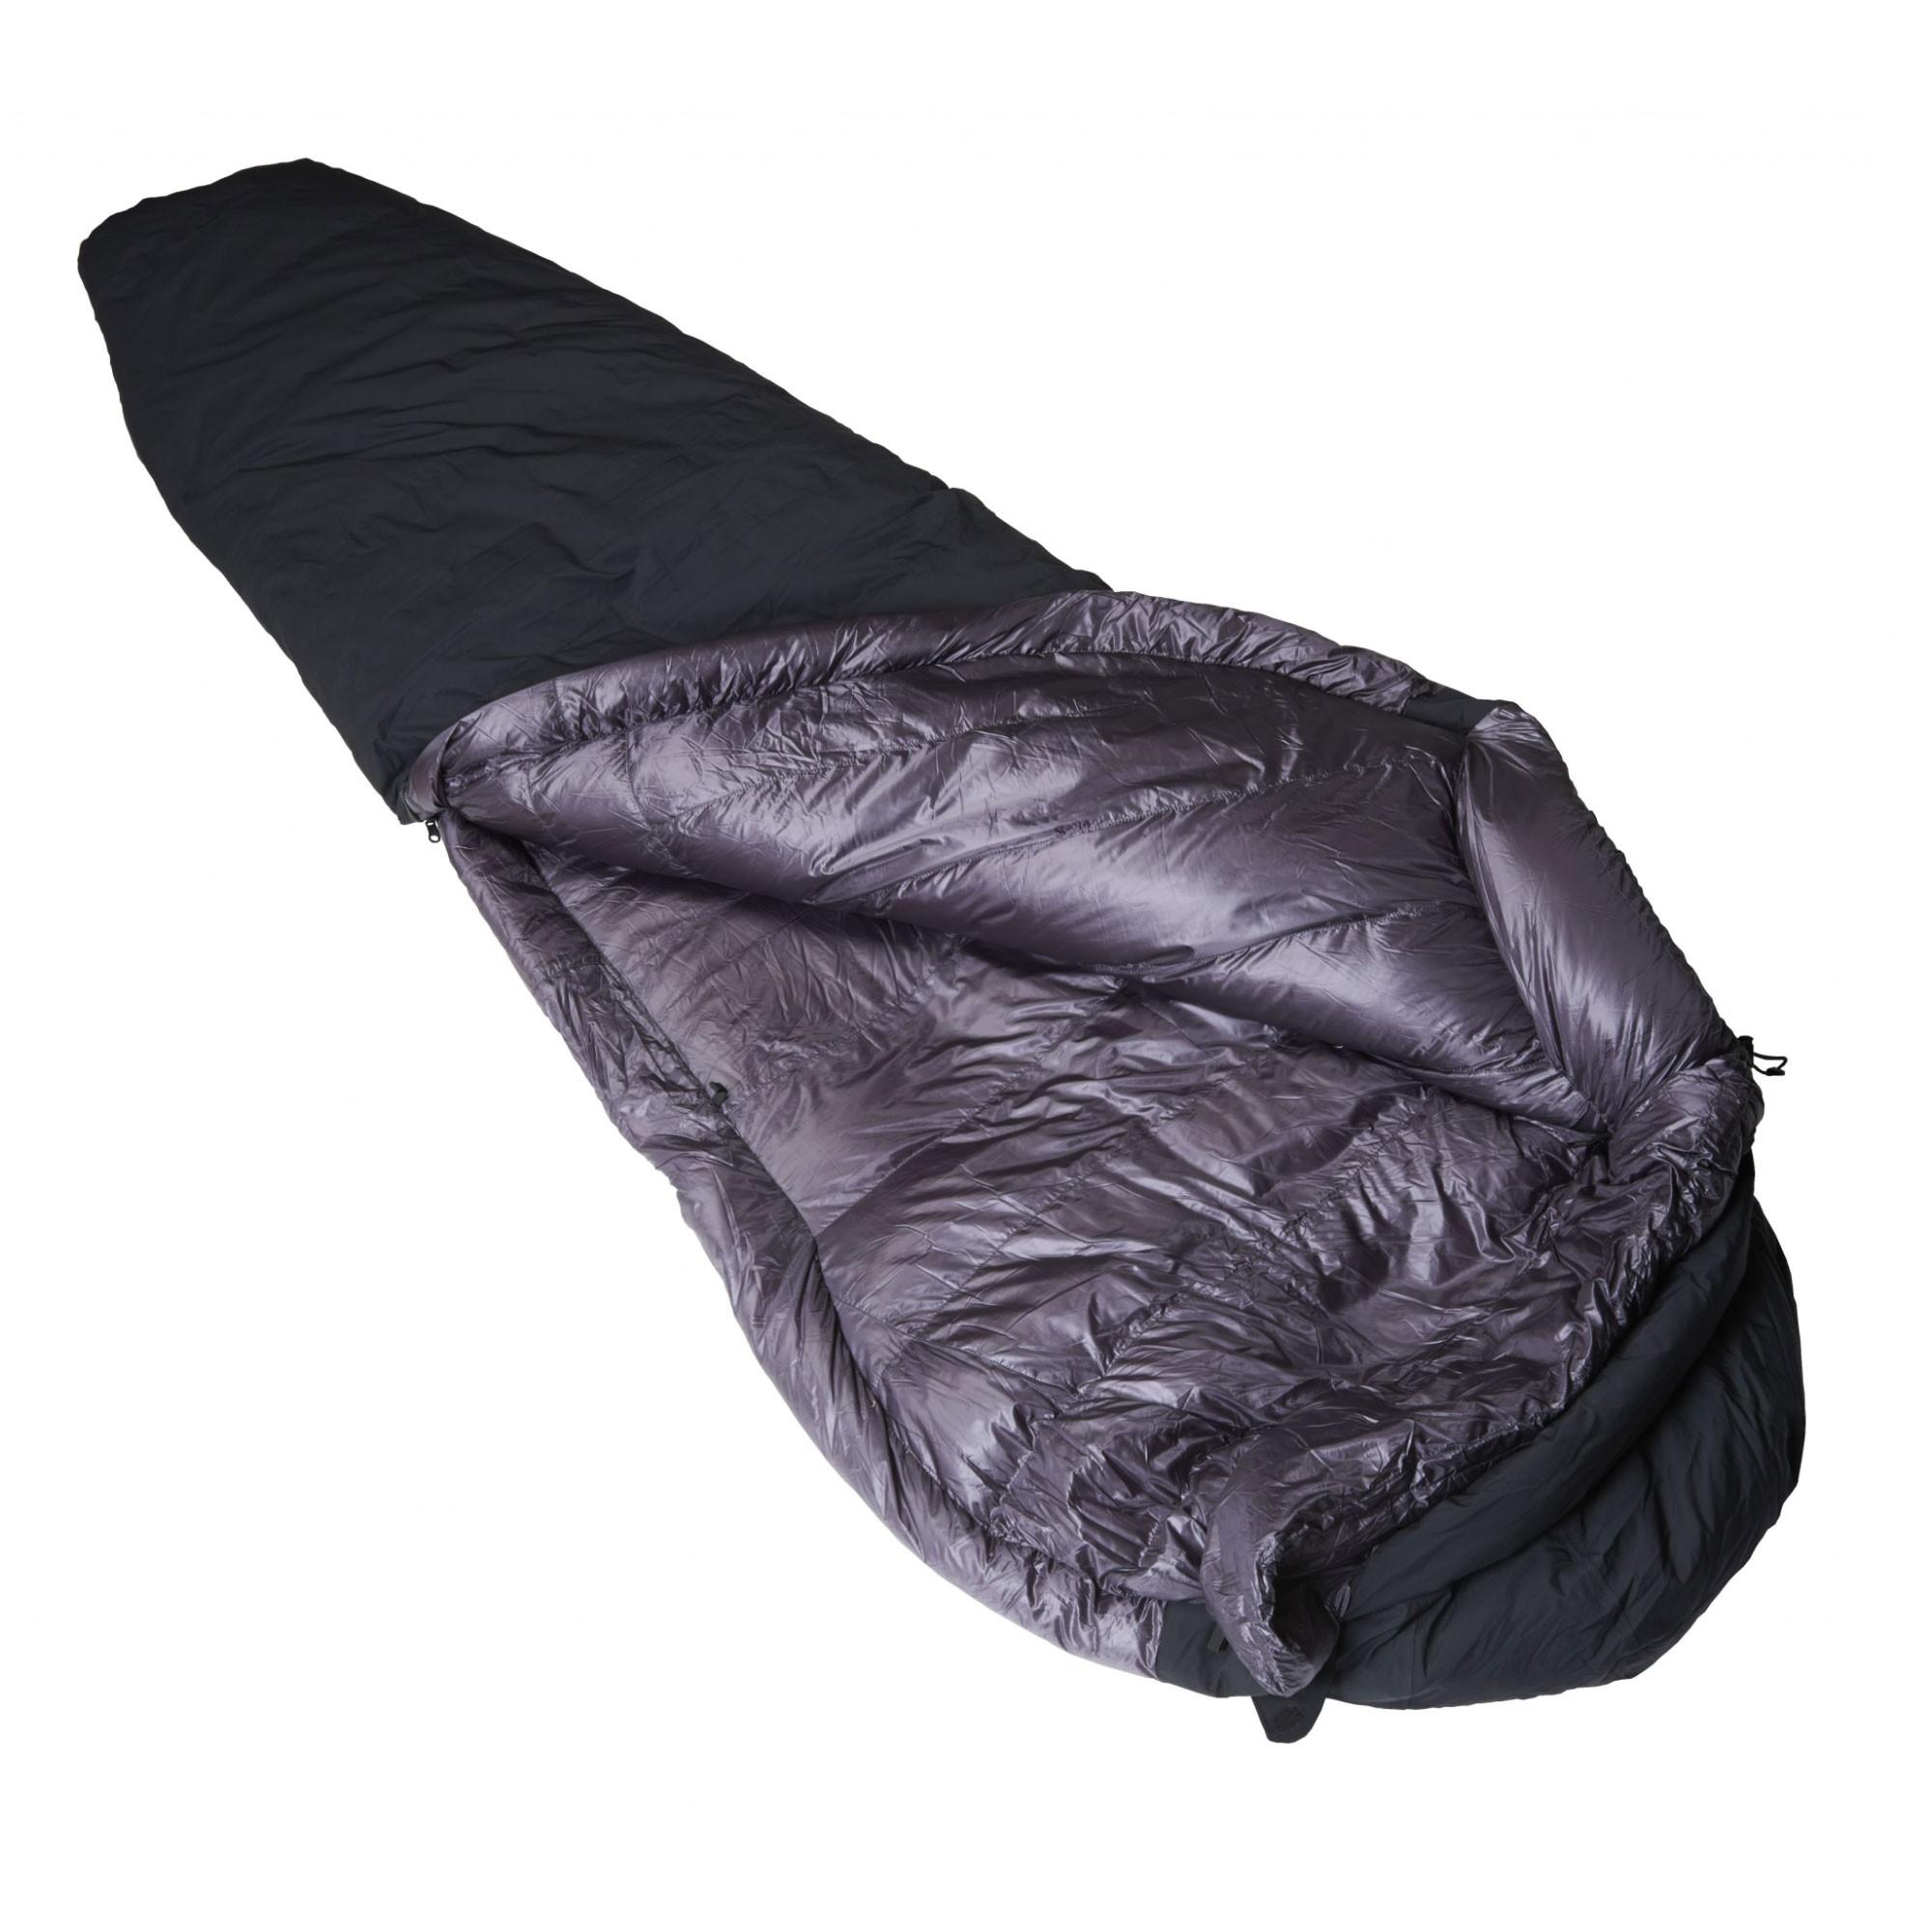 Crux Torpedo 500 Waterproof Down Sleeping Bag - Black/Anthracite